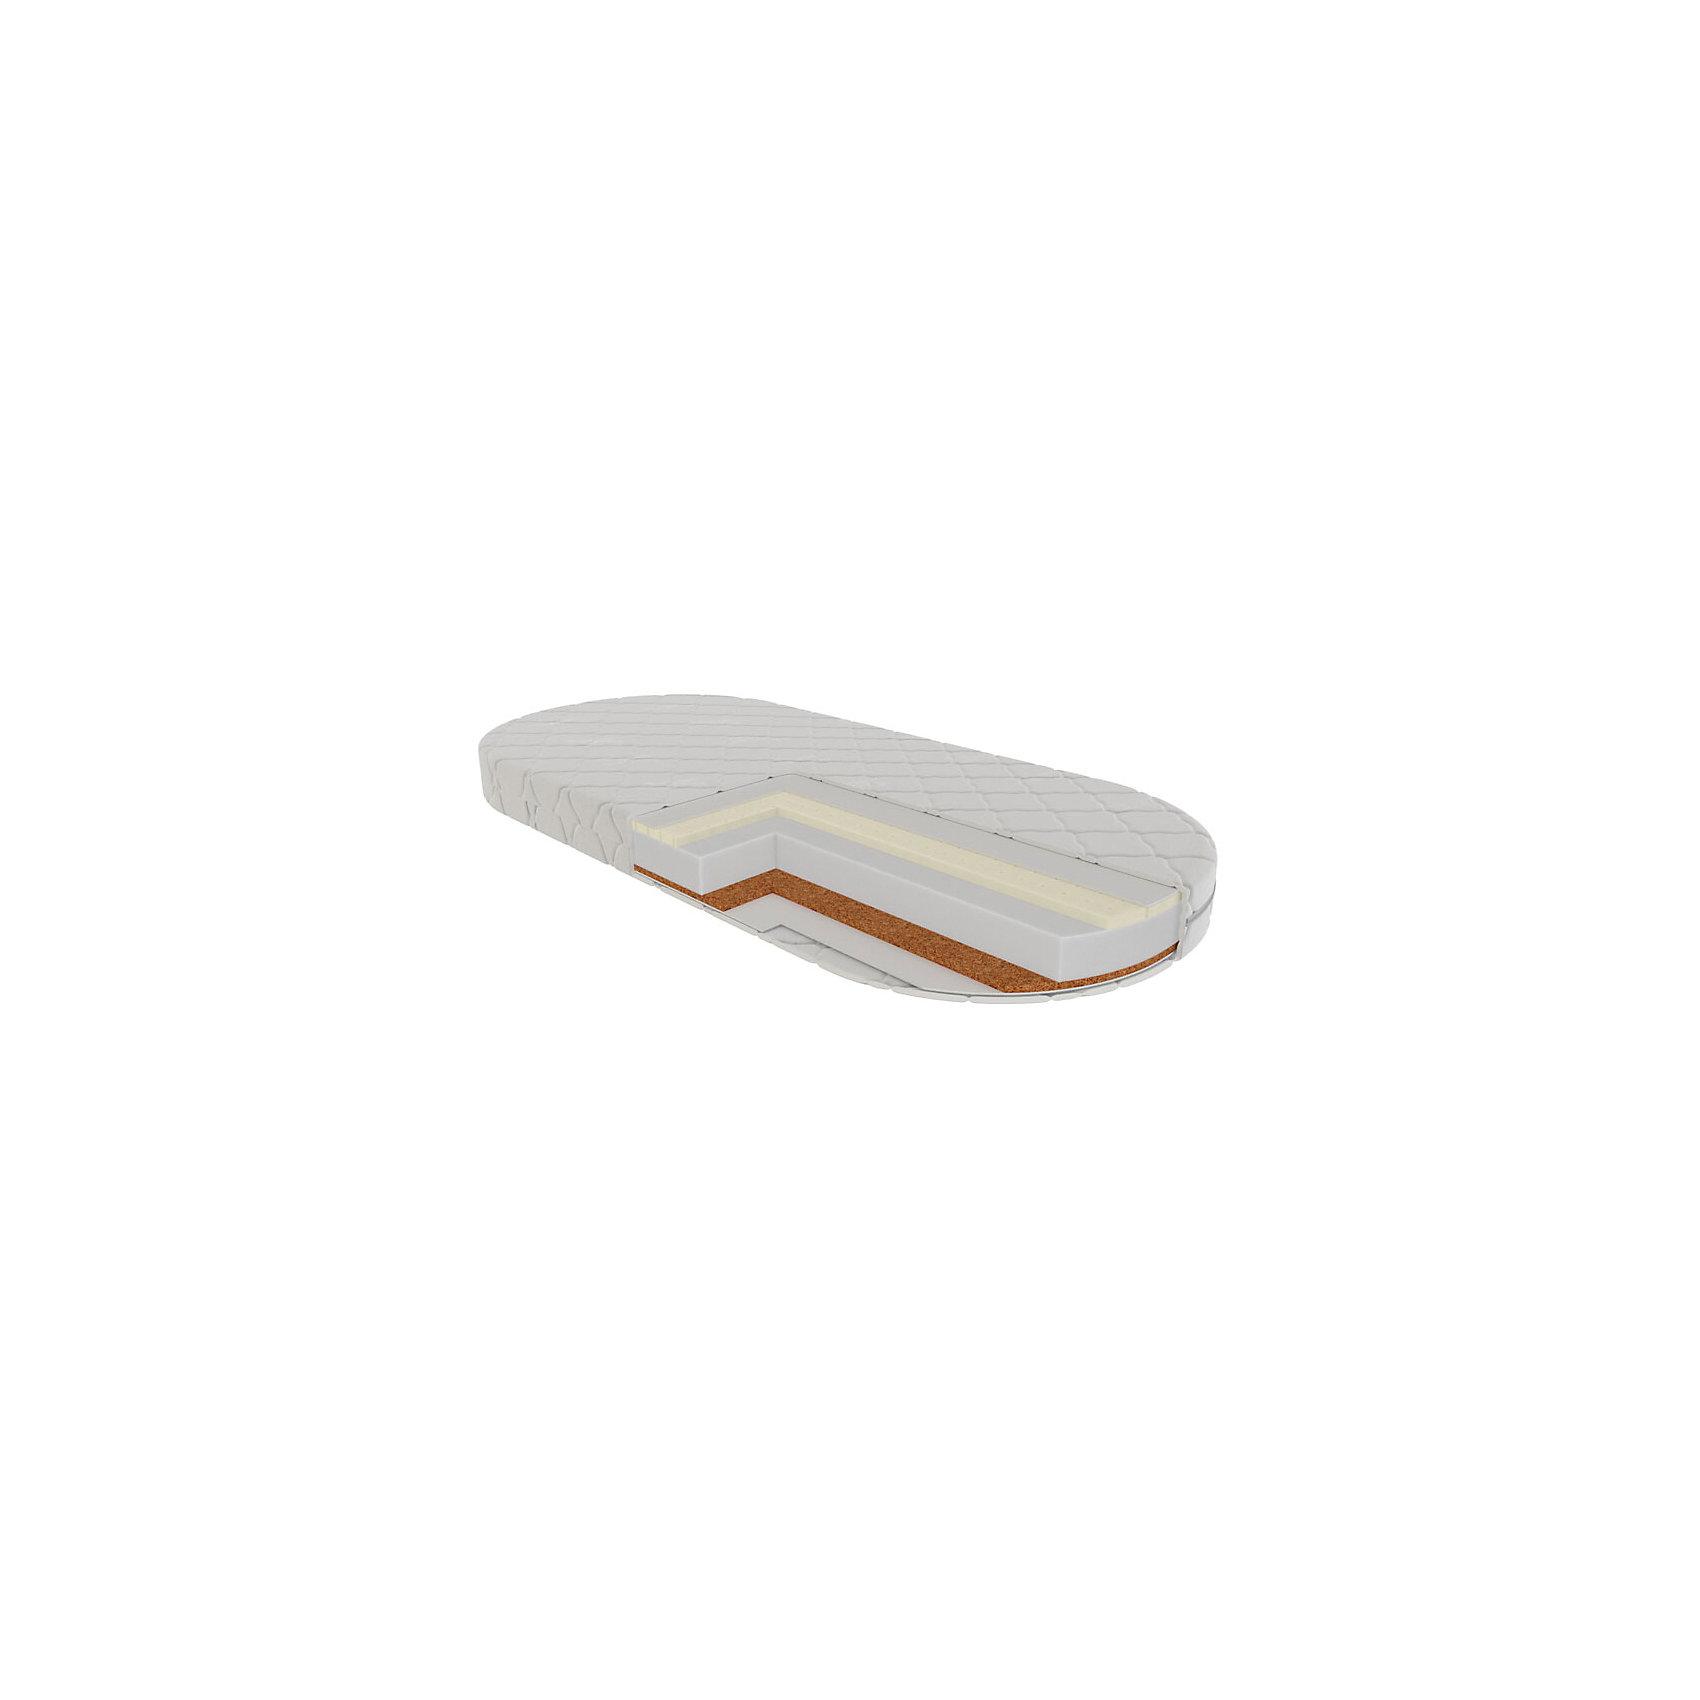 Матрас Палермо овальный 125х65, VikalexХарактеристики:<br><br>• двусторонний матрас в детскую кроватку;<br>• размер матраса: 125х65х14 см;<br>• материал: кокосовое волокно 50 мм, латекс 10 мм, Hollcon 60 мм (спиральное волокно из пружинок), нетканый материал Airotek;<br>• чехол с пропиткой алоэ-вера с защитой от клещей;<br>• стеганый чехол (ткань ТИК) на молнии;<br>• чехол можно снять и постирать при температуре 30 градусов;<br>• вес матраса: 4,6 кг.<br><br>Матрас разной степени жесткости дает возможность укладывать ребенка на ровное жесткое основание, для формирования правильной осанки. Матрас гарантирует комфорт и при этом анатомически правильную поддержку позвоночника ребенка - это крайне важно, ведь в первые месяцы жизни малыша закладывается динамика развития систем органов. Эластичность и прочность матраса наряду с гипоаллергенностью и воздухопроницаемостью отвечает самым высоким европейским стандартам.  <br><br>Матрас Палермо овальный 125х65, Vikalex можно купить в нашем магазине.<br><br>Ширина мм: 530<br>Глубина мм: 130<br>Высота мм: 580<br>Вес г: 3200<br>Возраст от месяцев: 0<br>Возраст до месяцев: 36<br>Пол: Унисекс<br>Возраст: Детский<br>SKU: 5353867